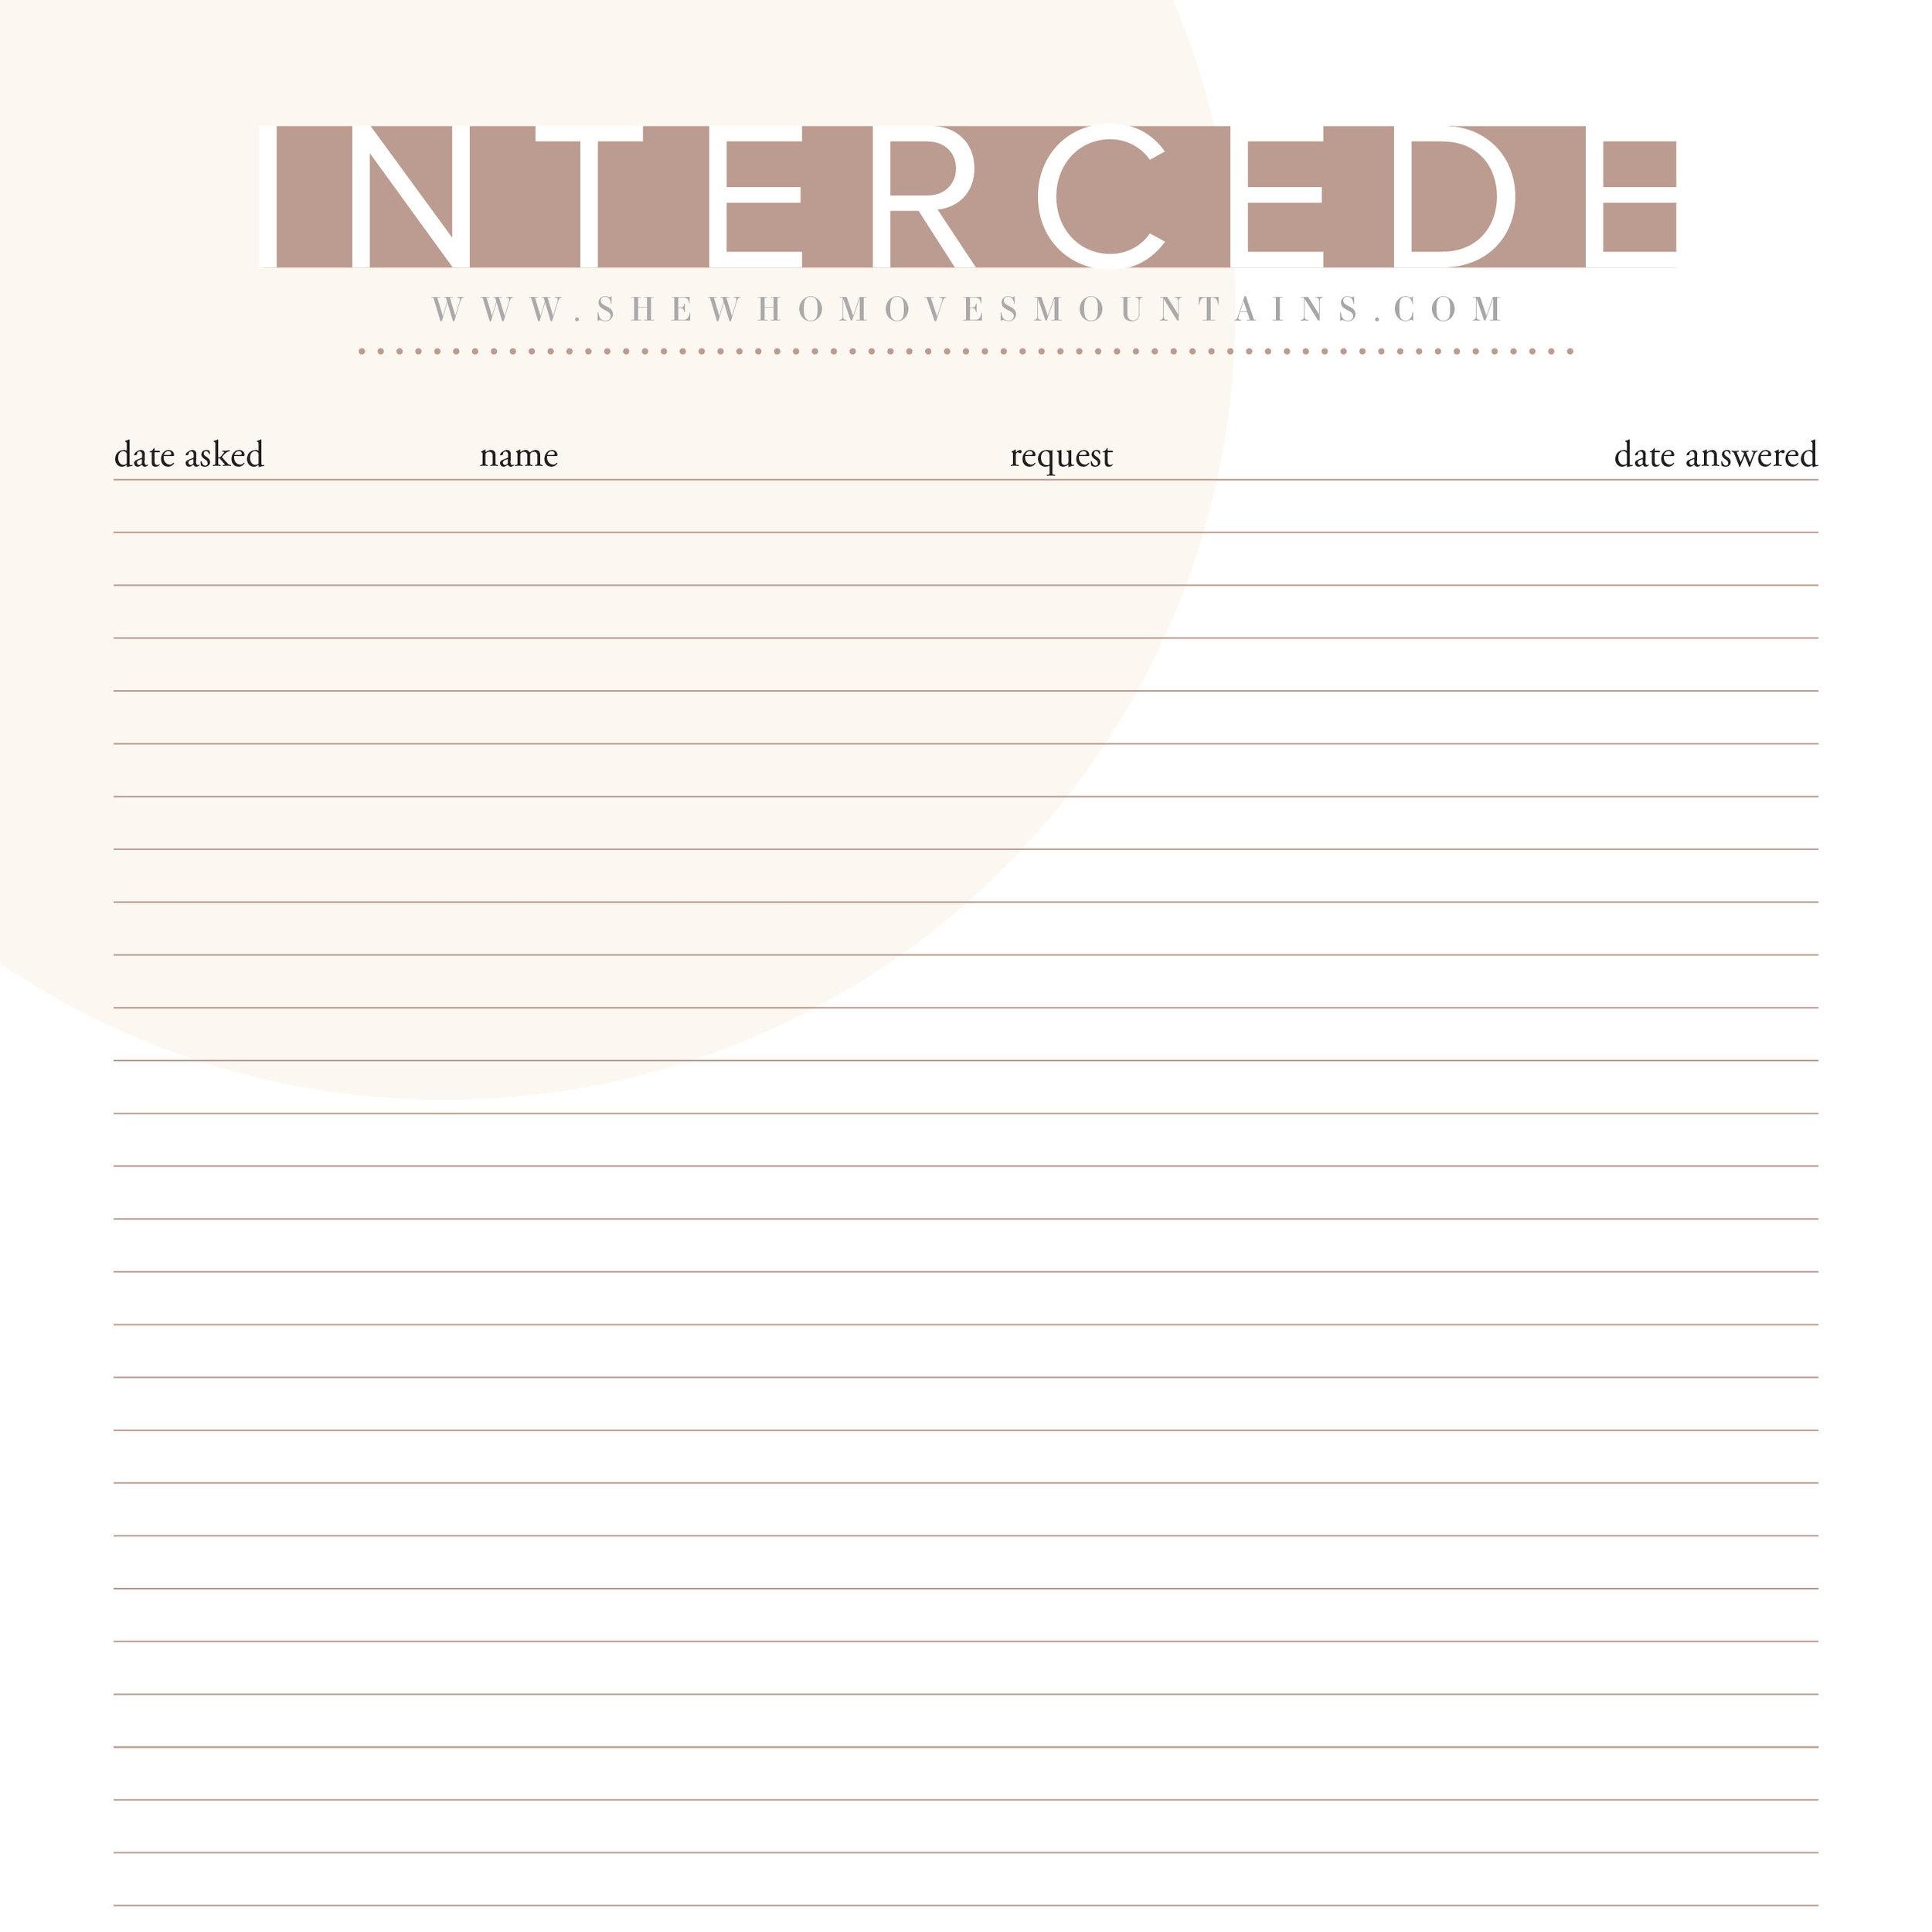 Intercede.jpg